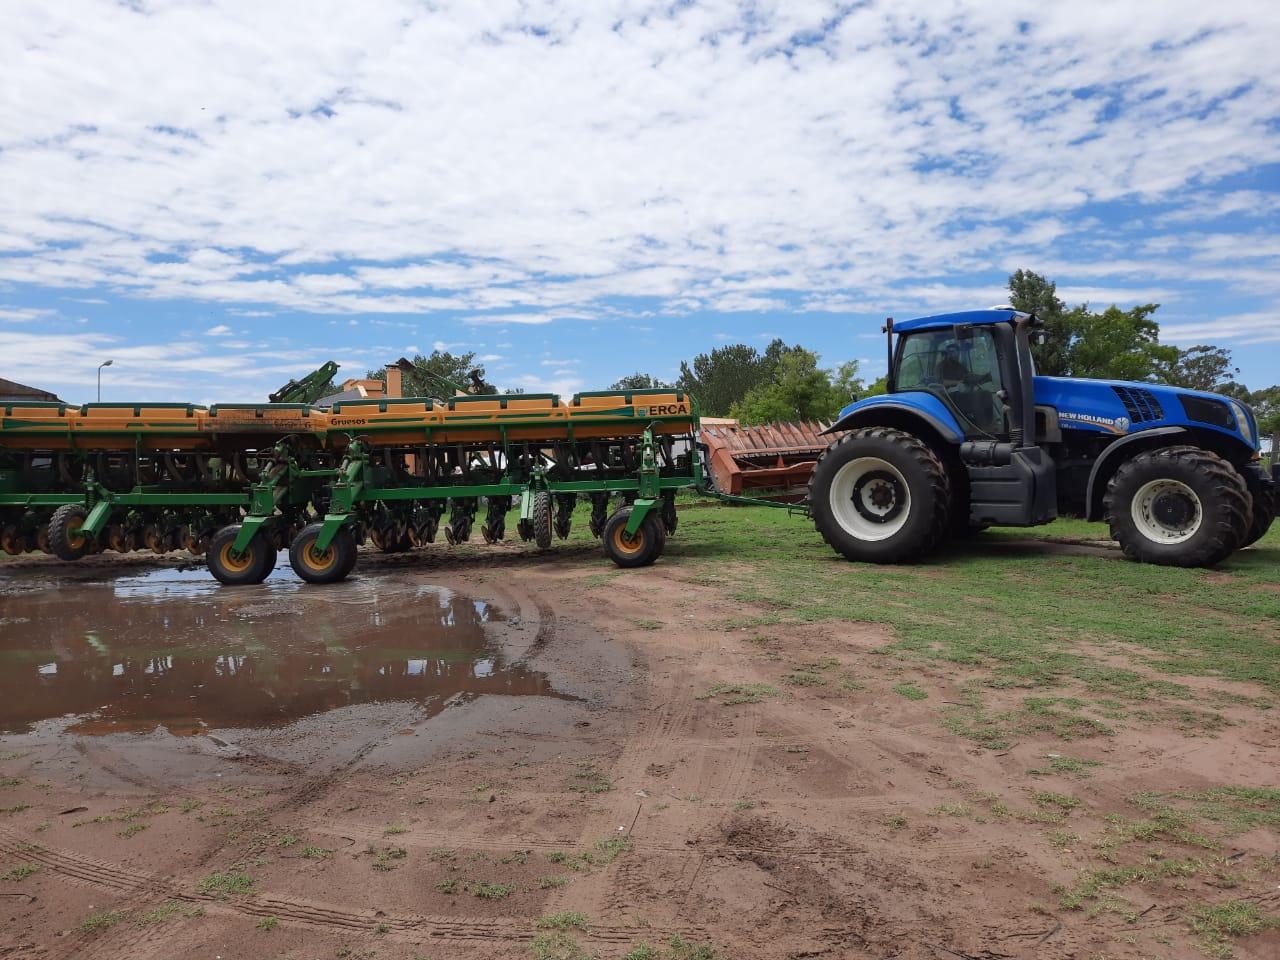 La Brigada de Investigaciones recuperó implementos agrícolas por alrededor de $19.000.000 que habían sido comprados con cheques sin fondos